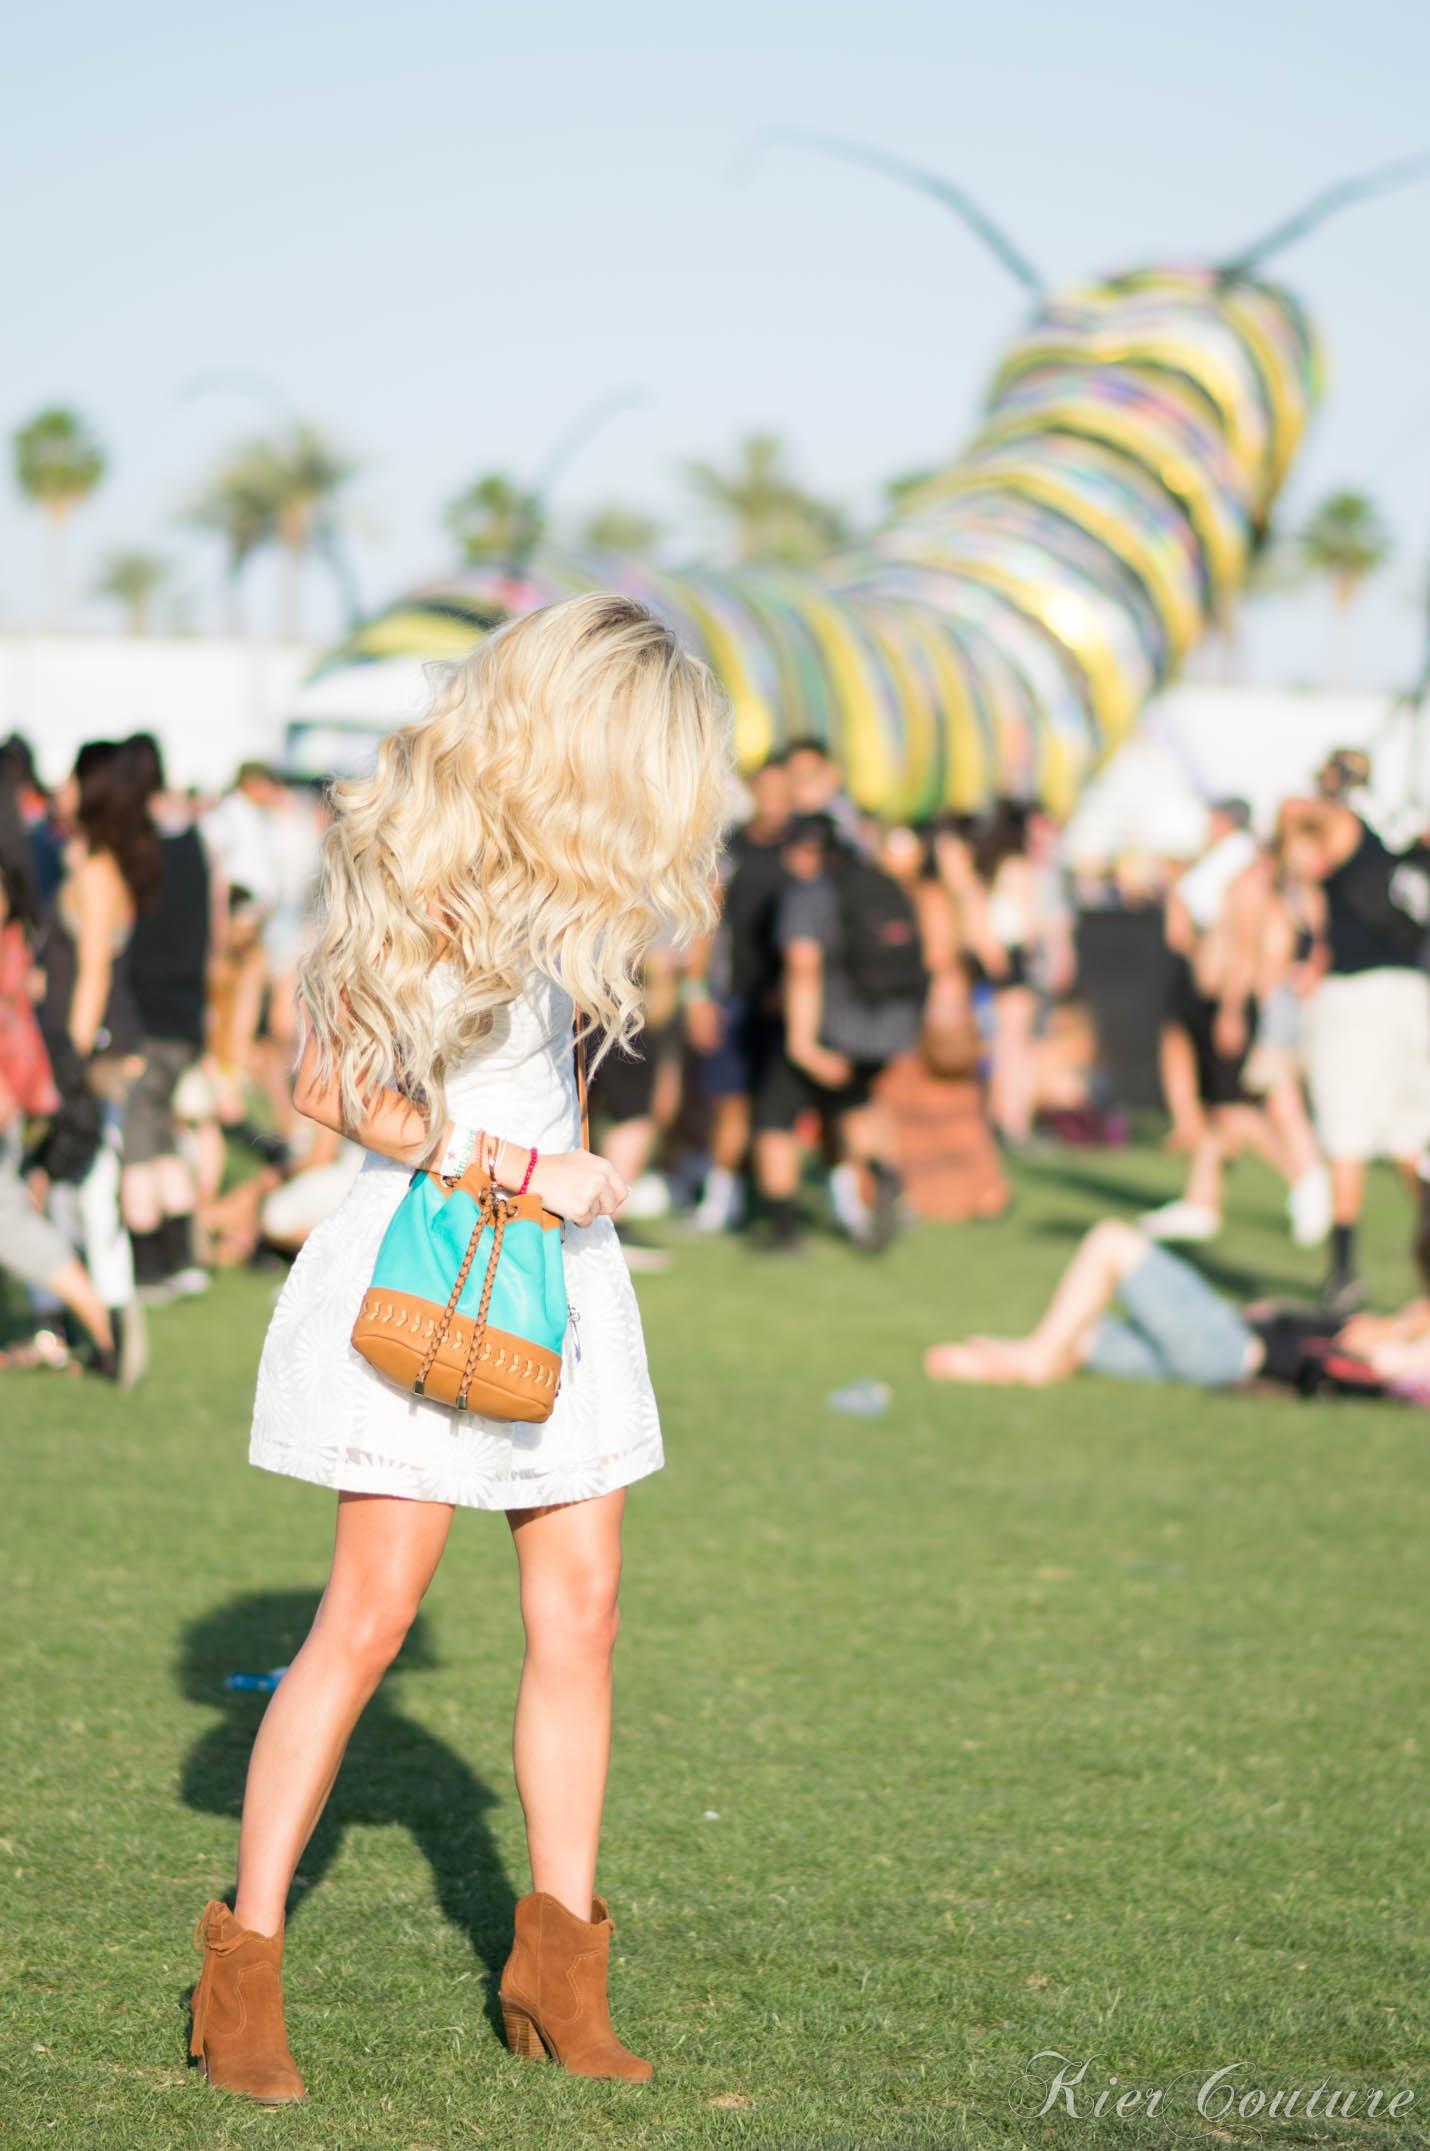 Coachella-2-8